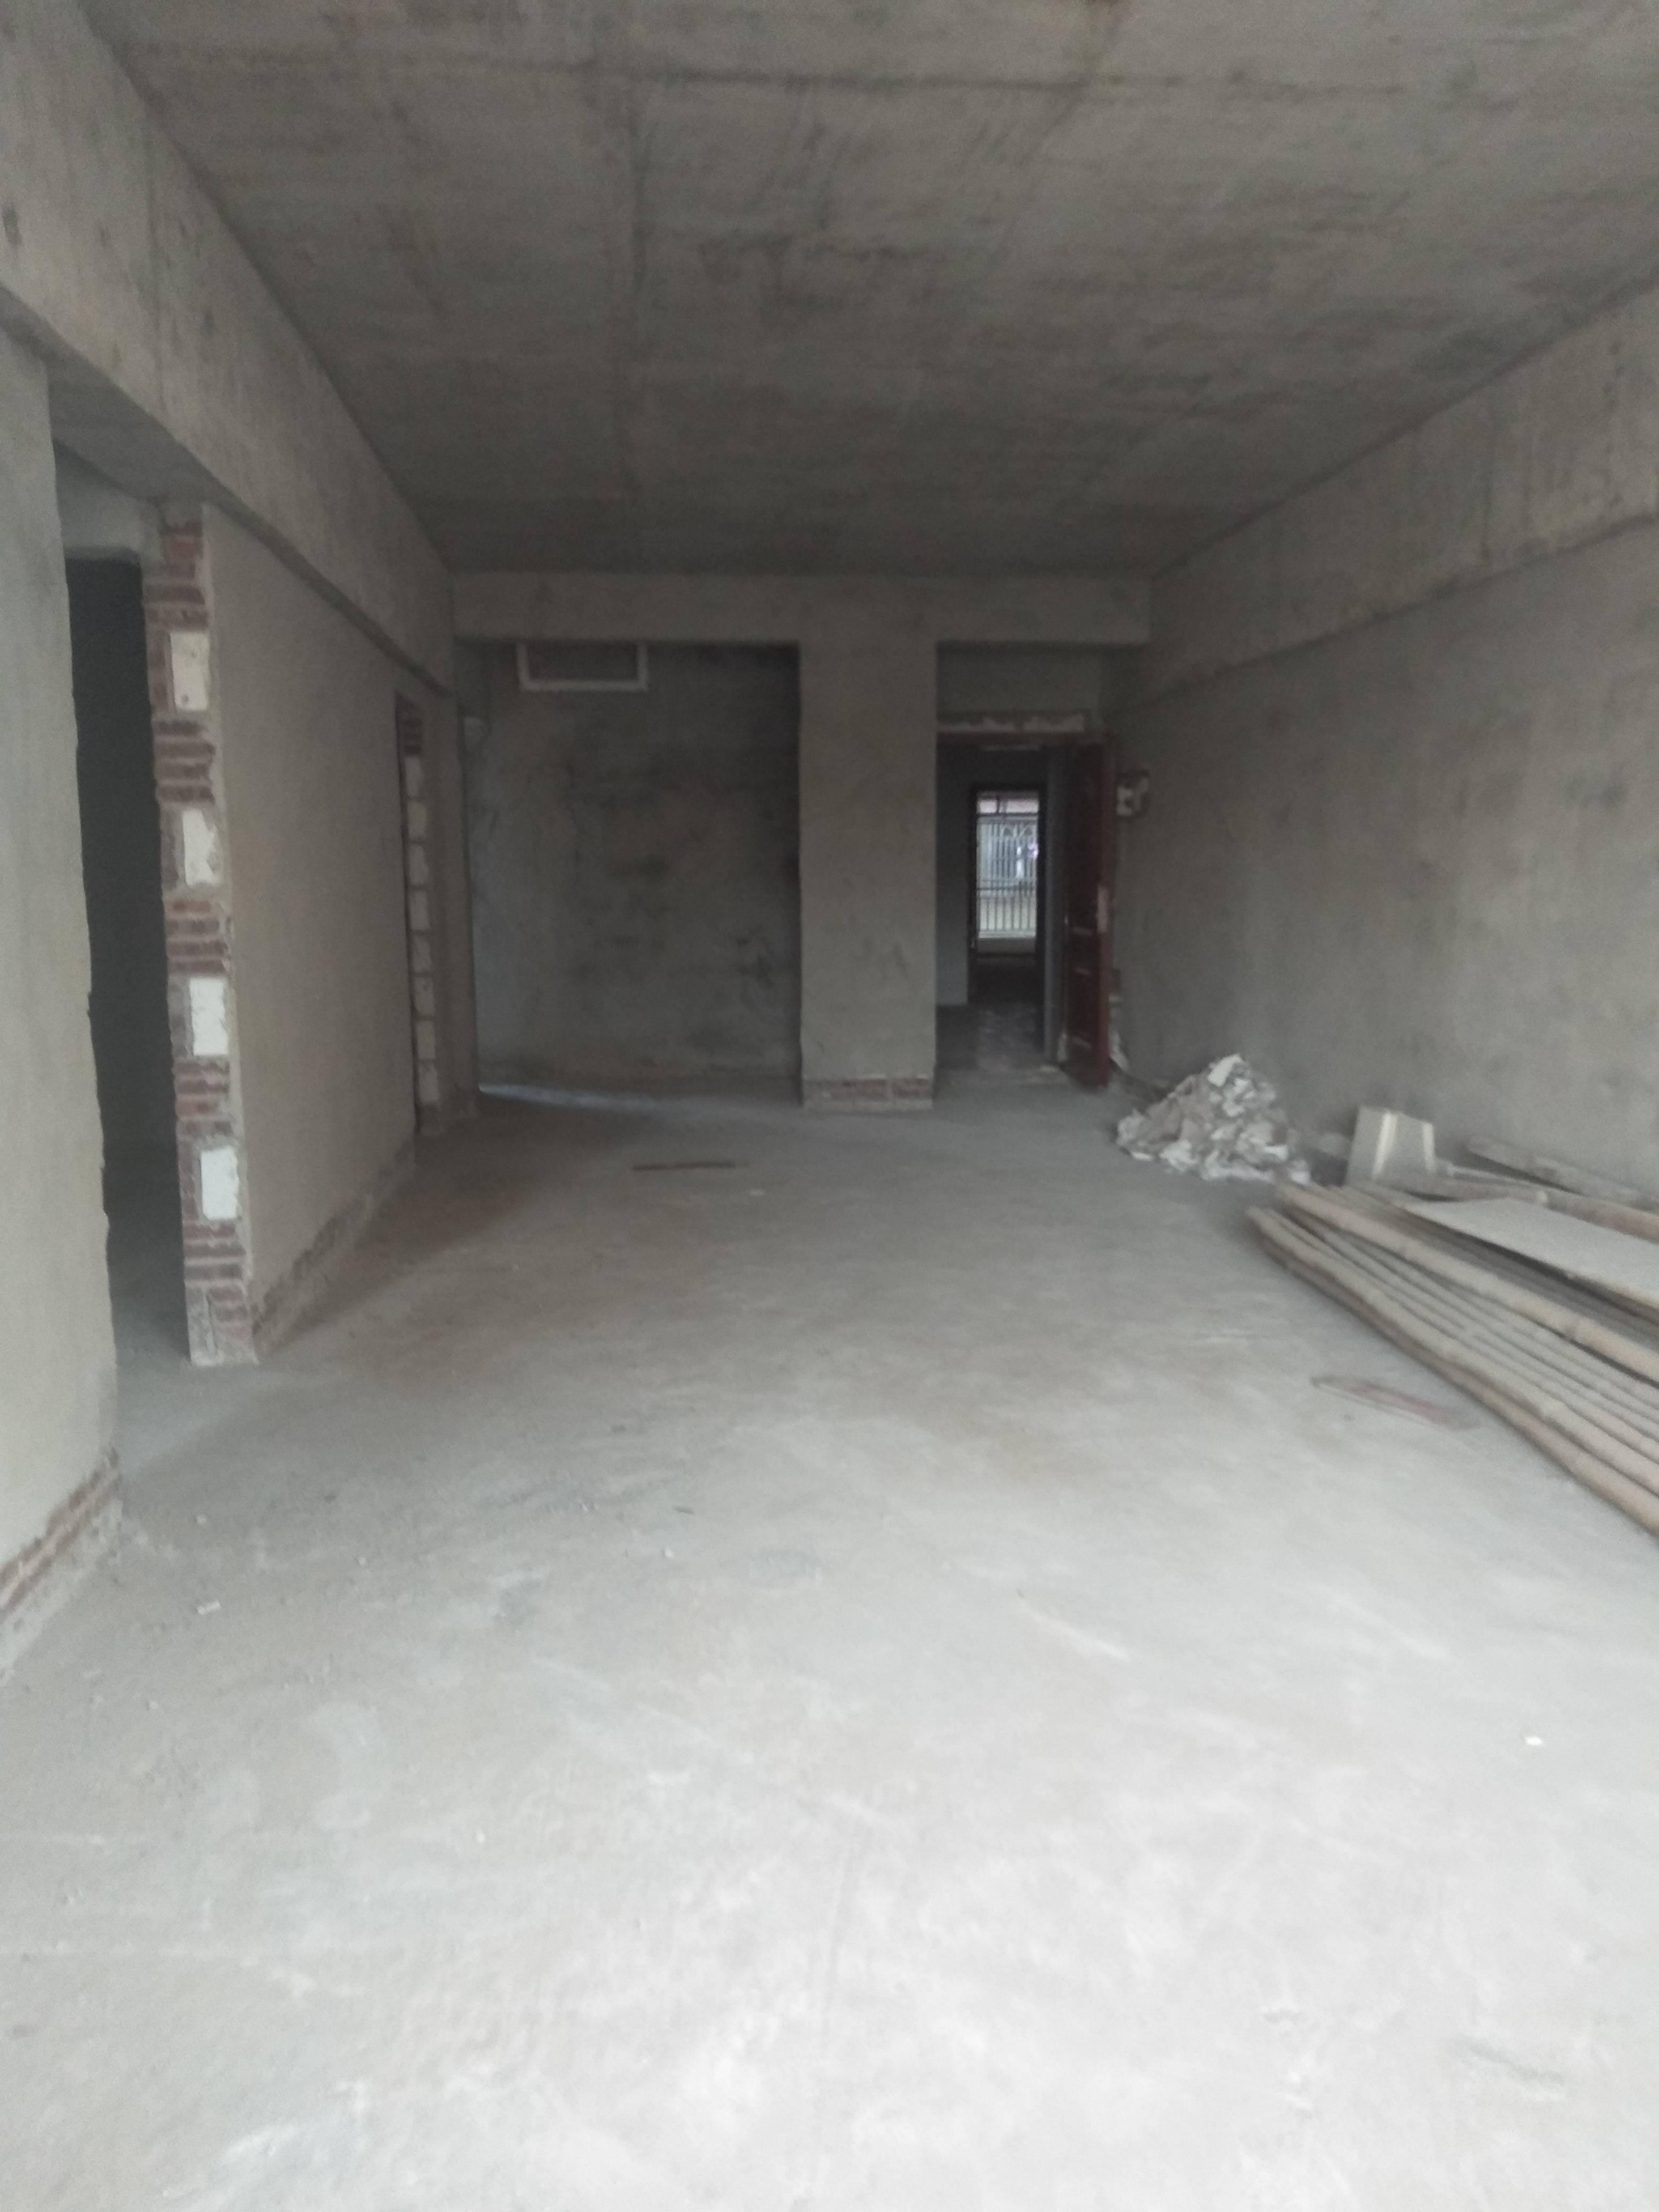 水口中心小学 3房 46.8万 带电梯 小产权自建房 开发商直售 证件齐